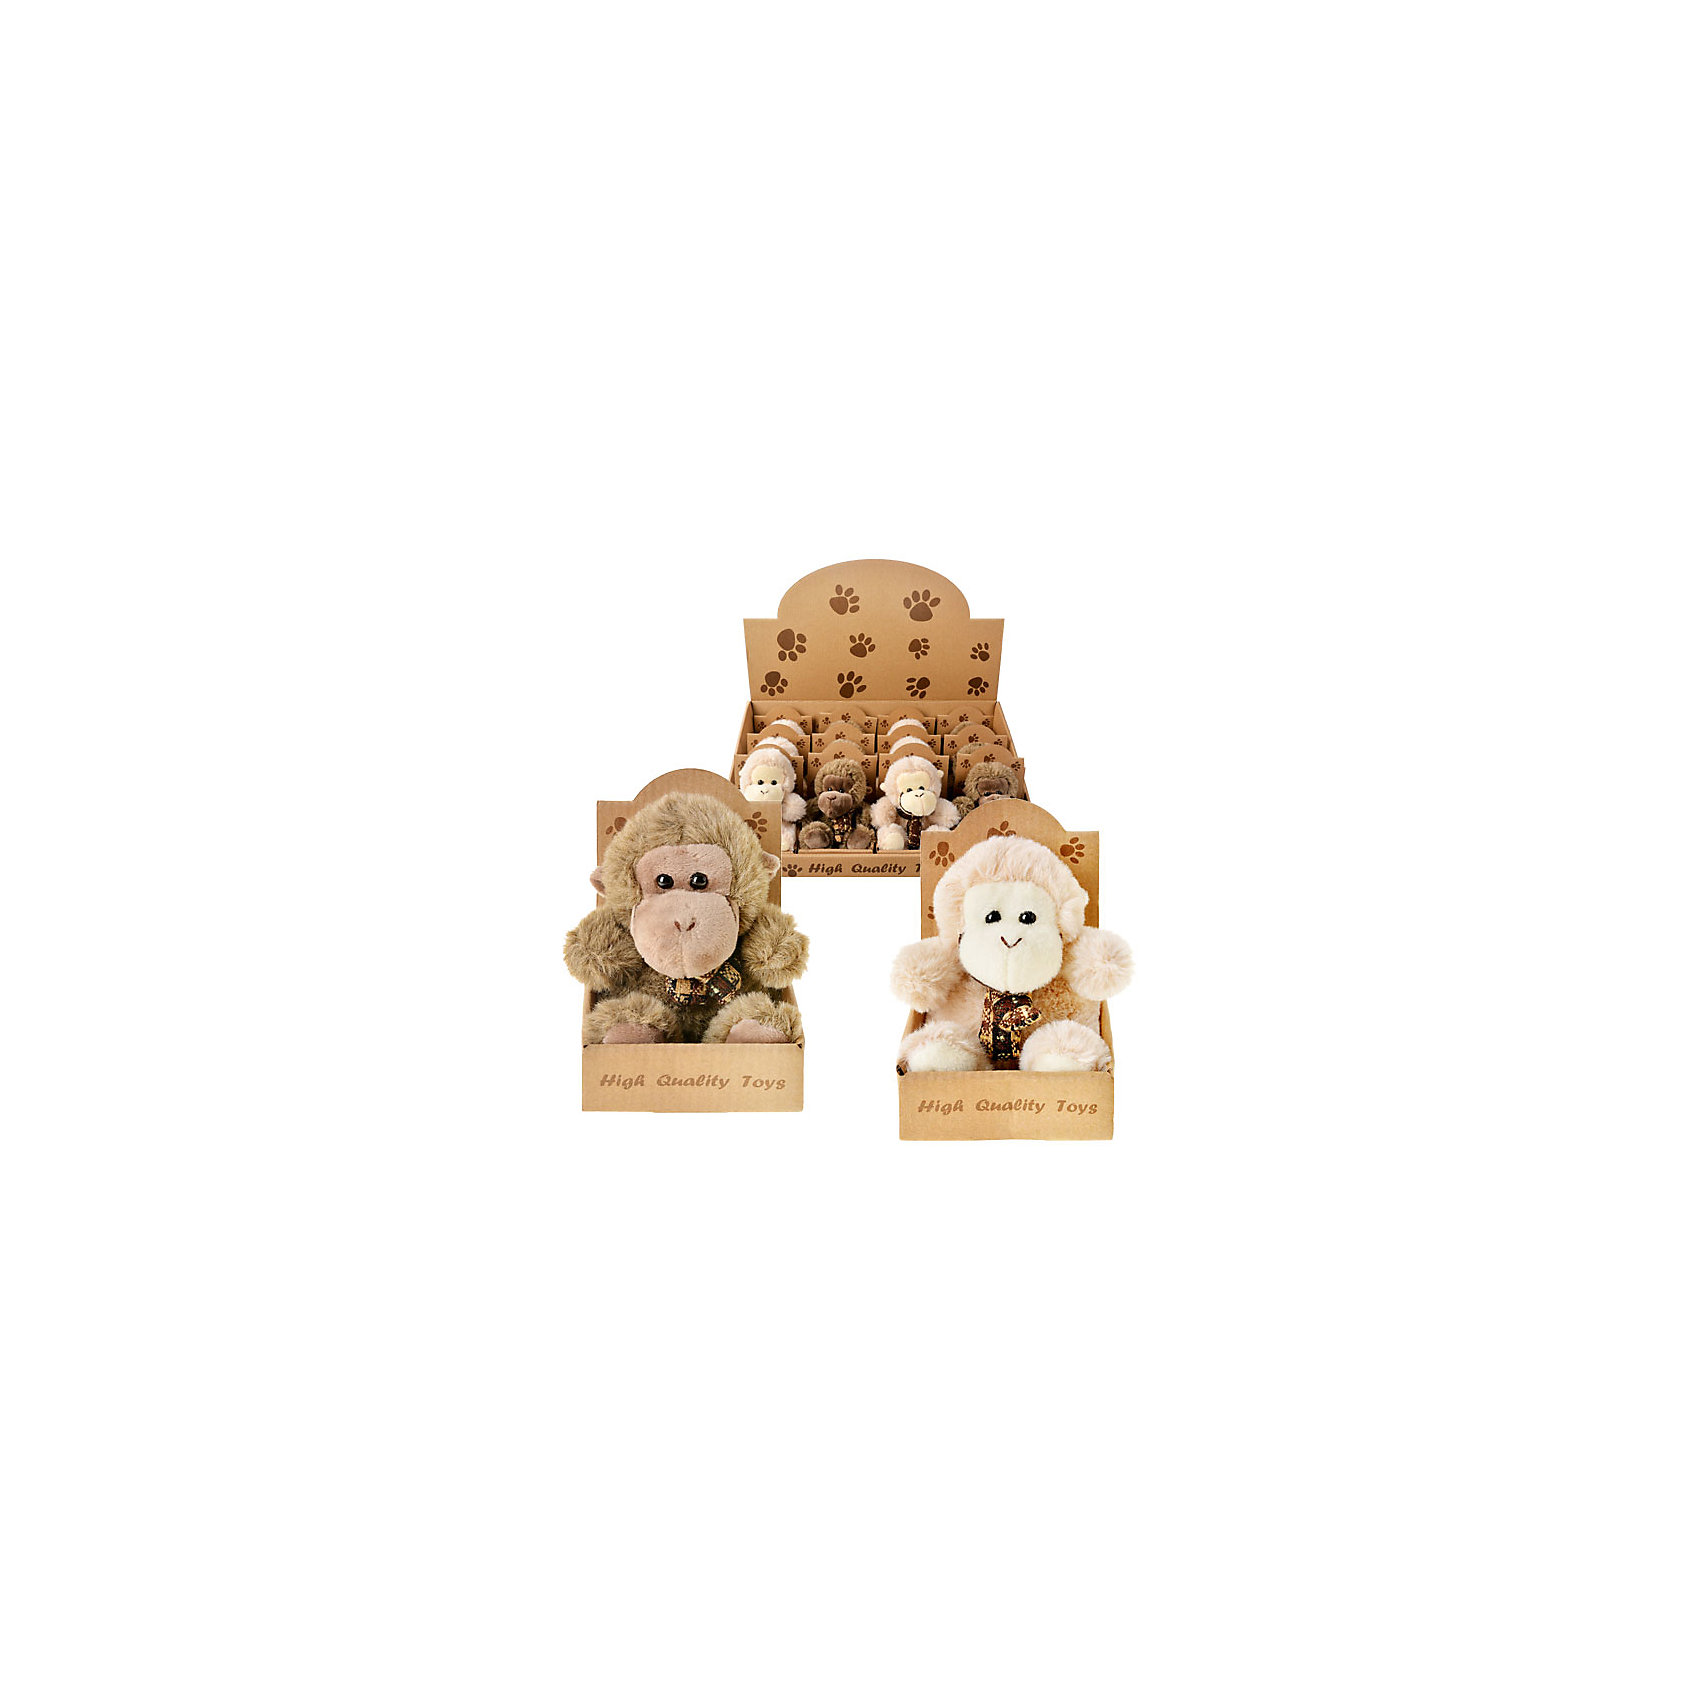 TUKZAR Мягкая игрушка Обезьяна, в ассортименте мягкая игрушка свинка городецкий стиль 23 см в ассортименте